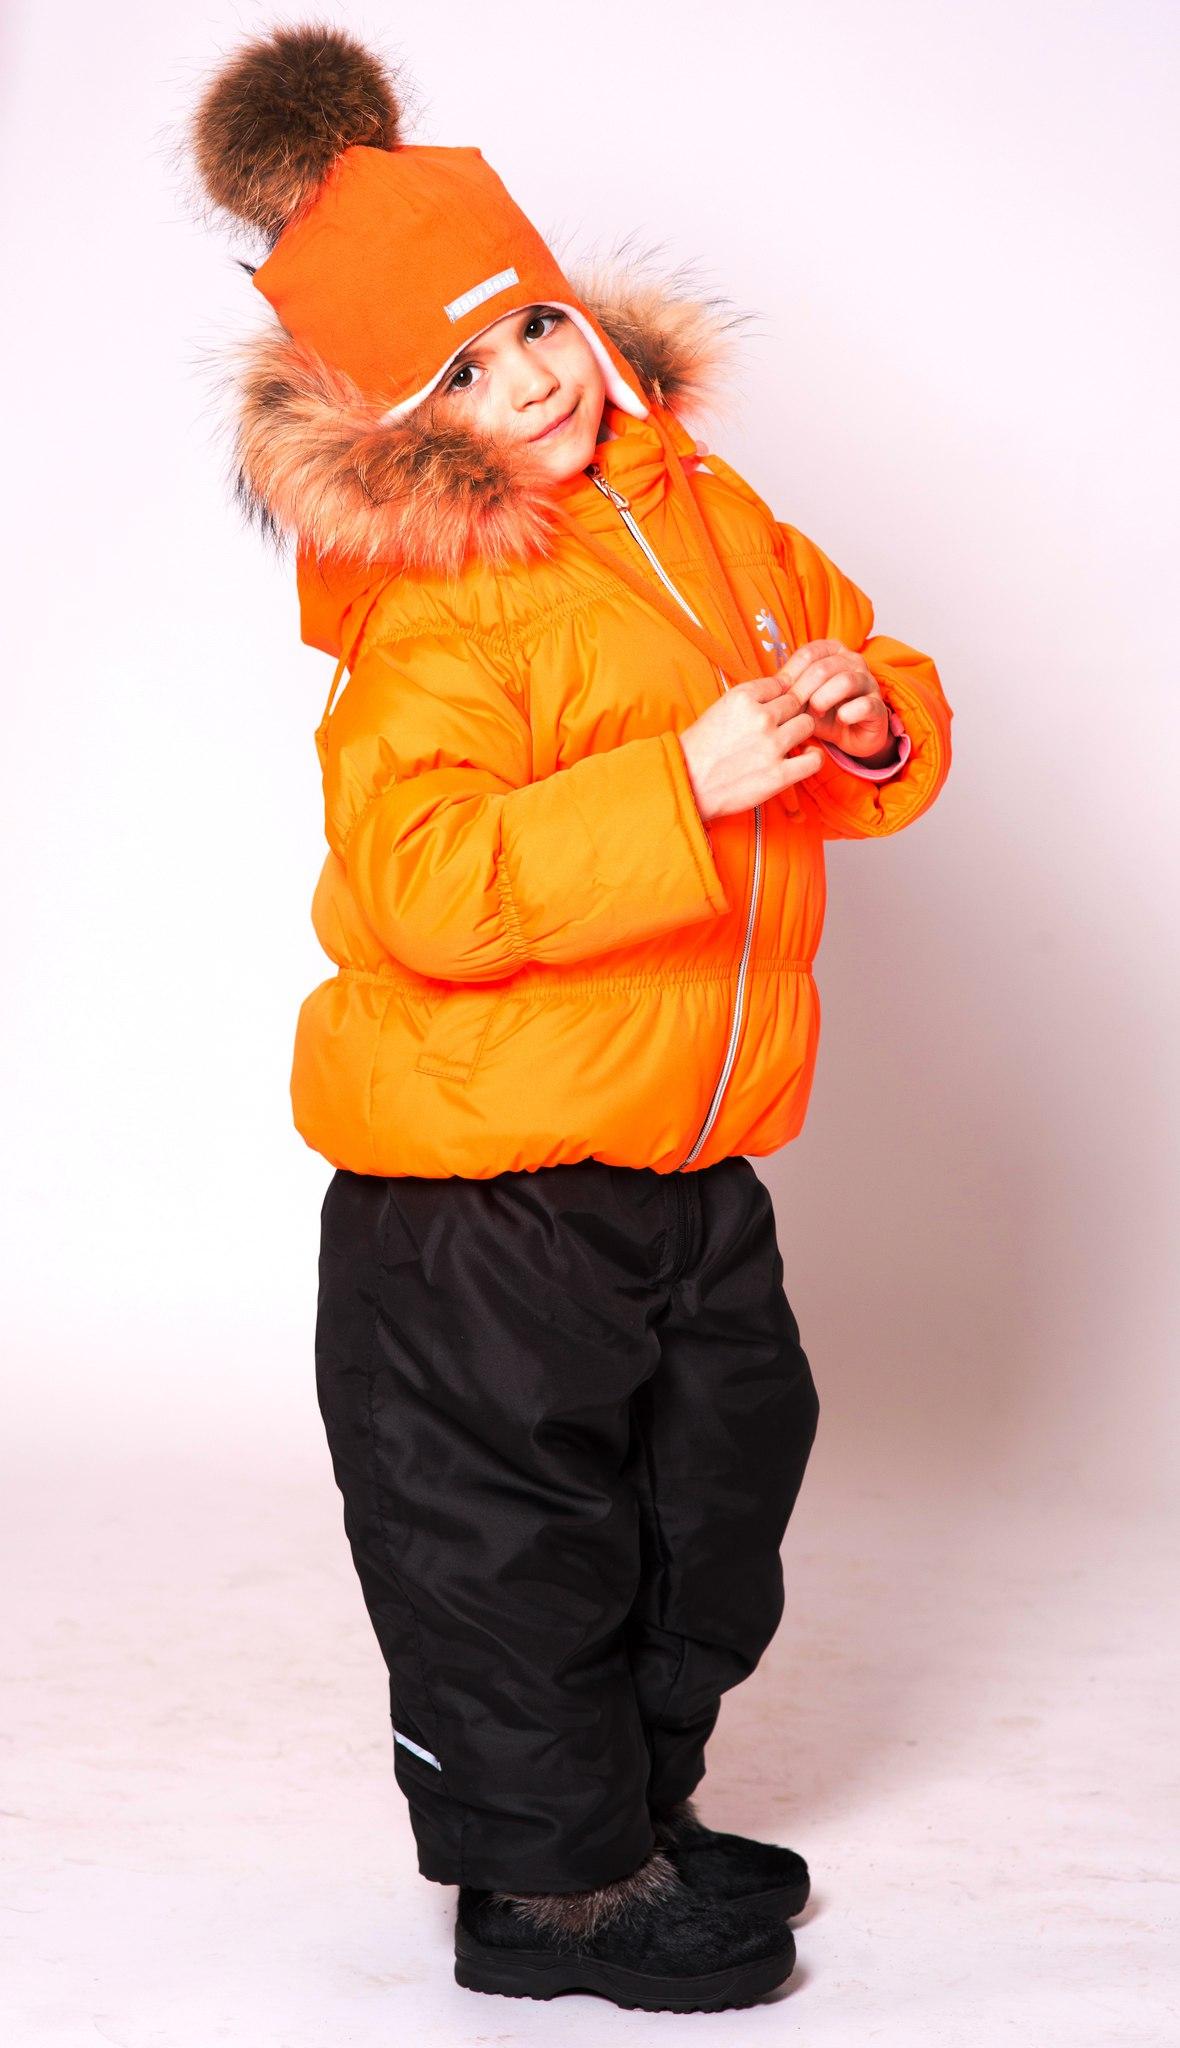 Сбор заказов. Доступная каждому верхняя одежда- babybest. Конверты, комбинезоны, поддевы. Успеем до повышения цен.